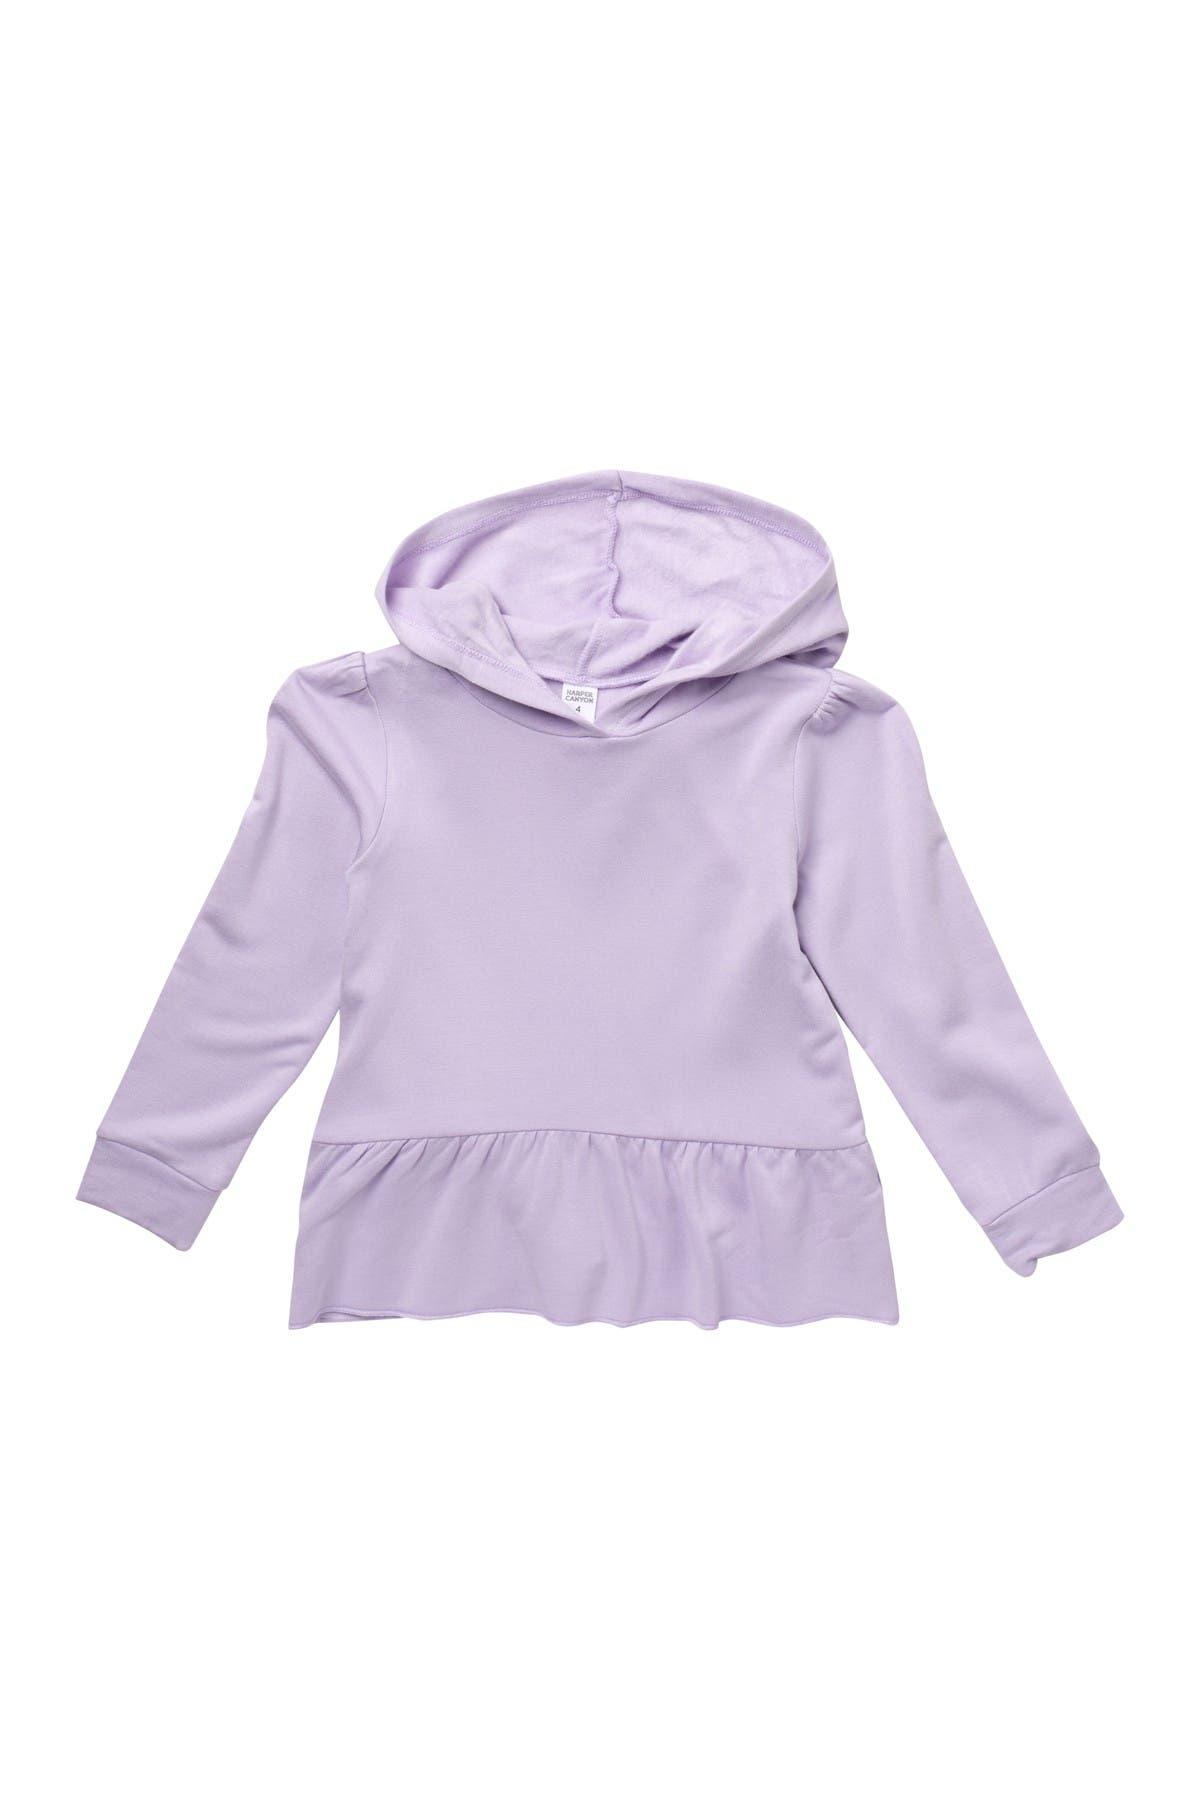 Image of Harper Canyon Peplum Fleece Sweater